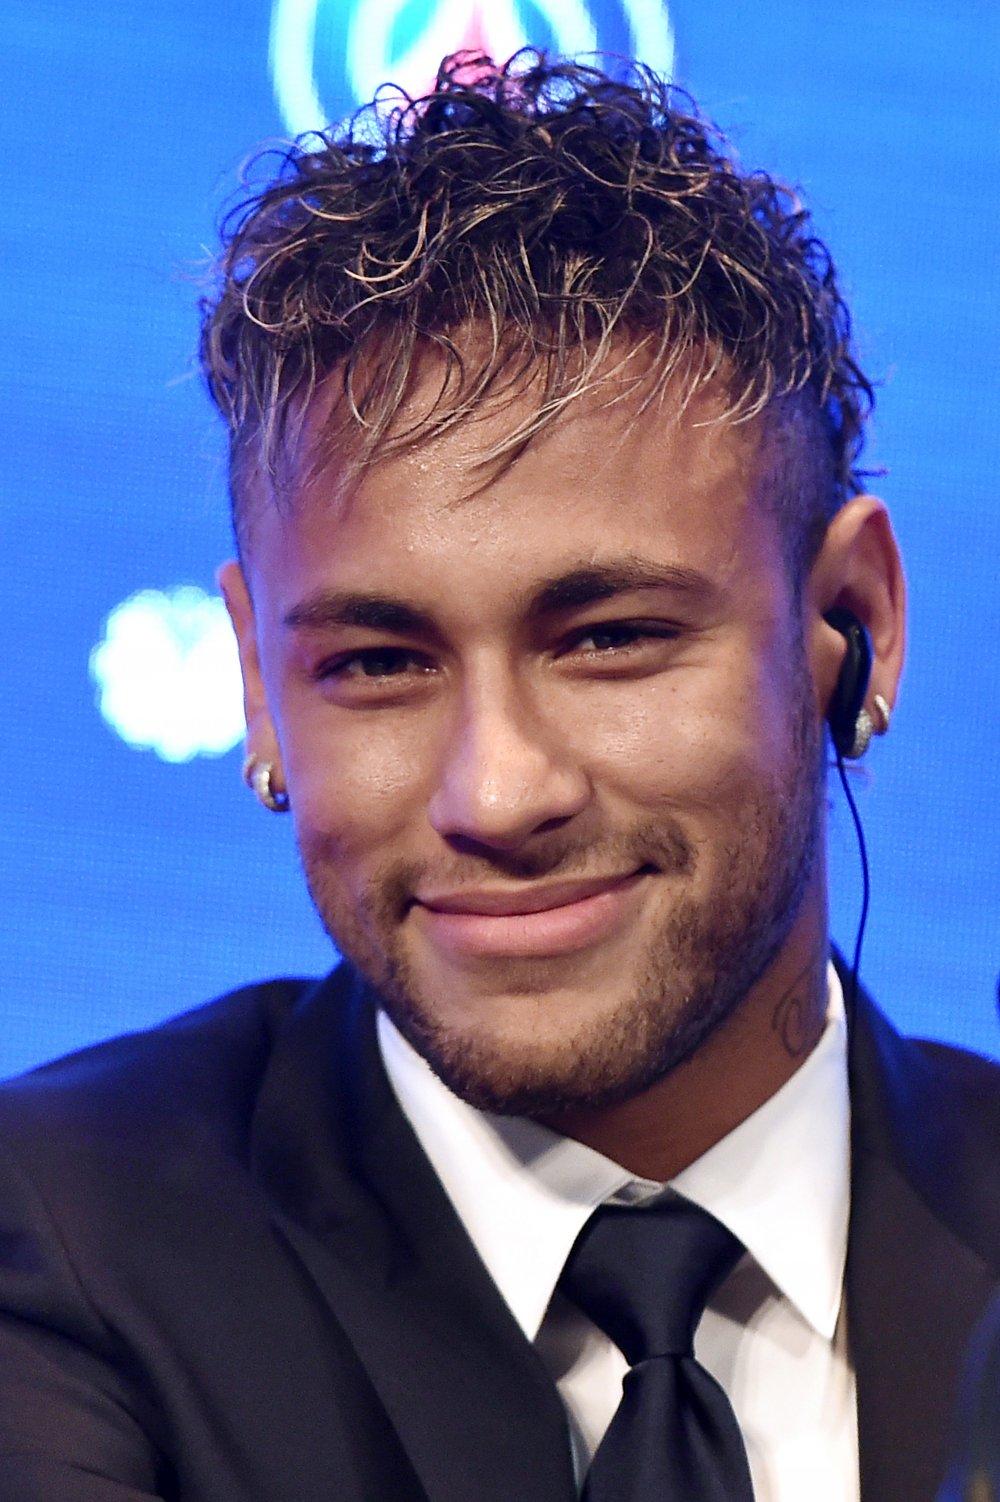 Neymar imzayı attı... Tarihin en pahalı imzası!